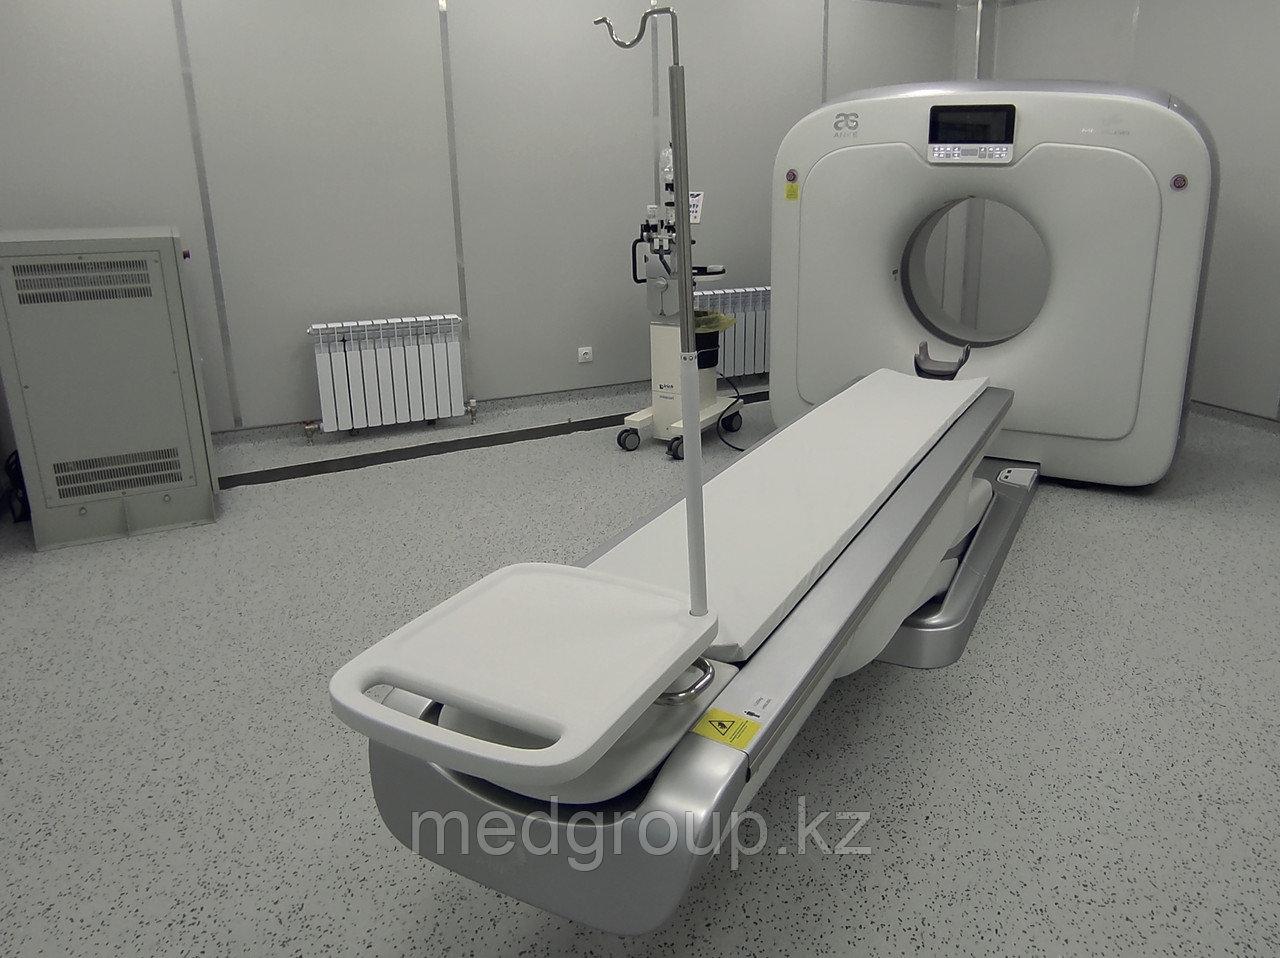 Подготовка помещения для установки компьютерного томографа (КТ)